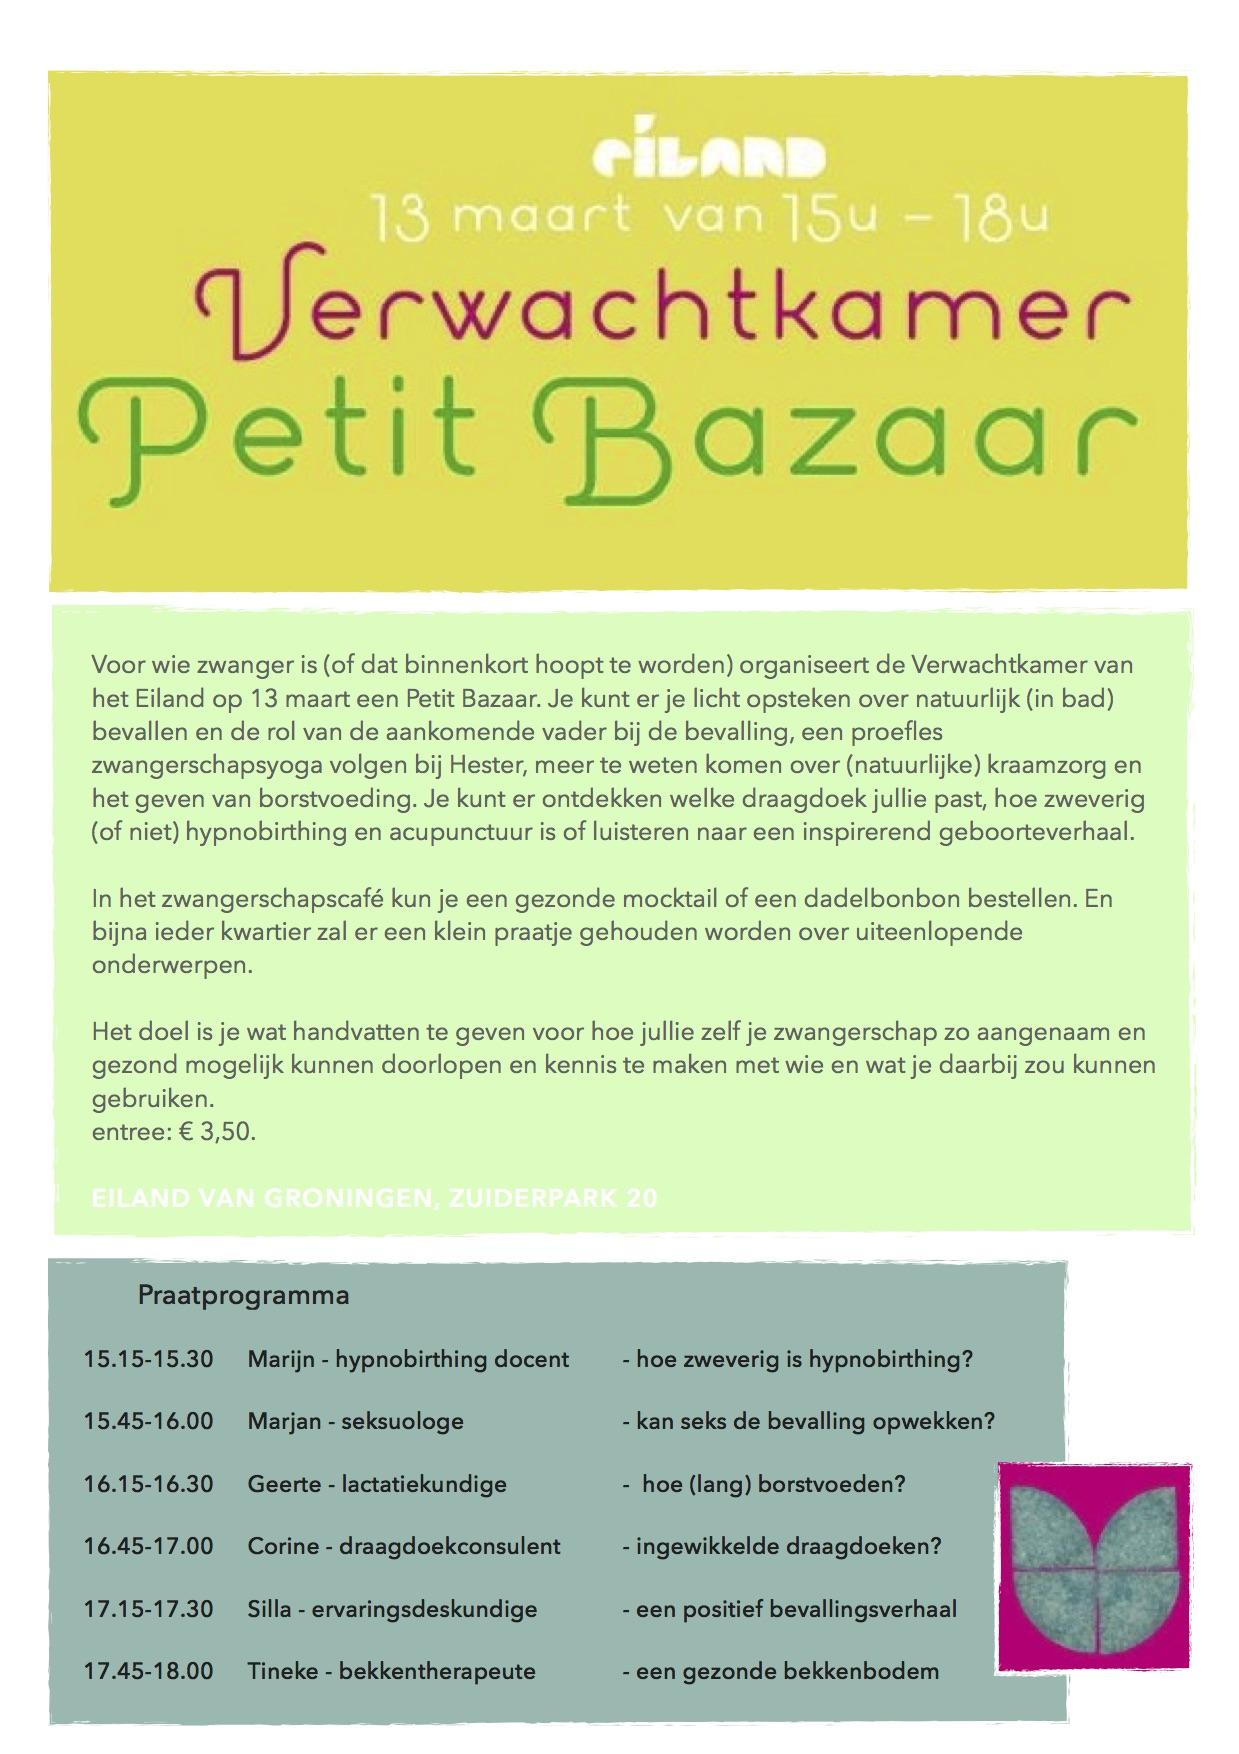 Flyer Petit Bazaar jpeg